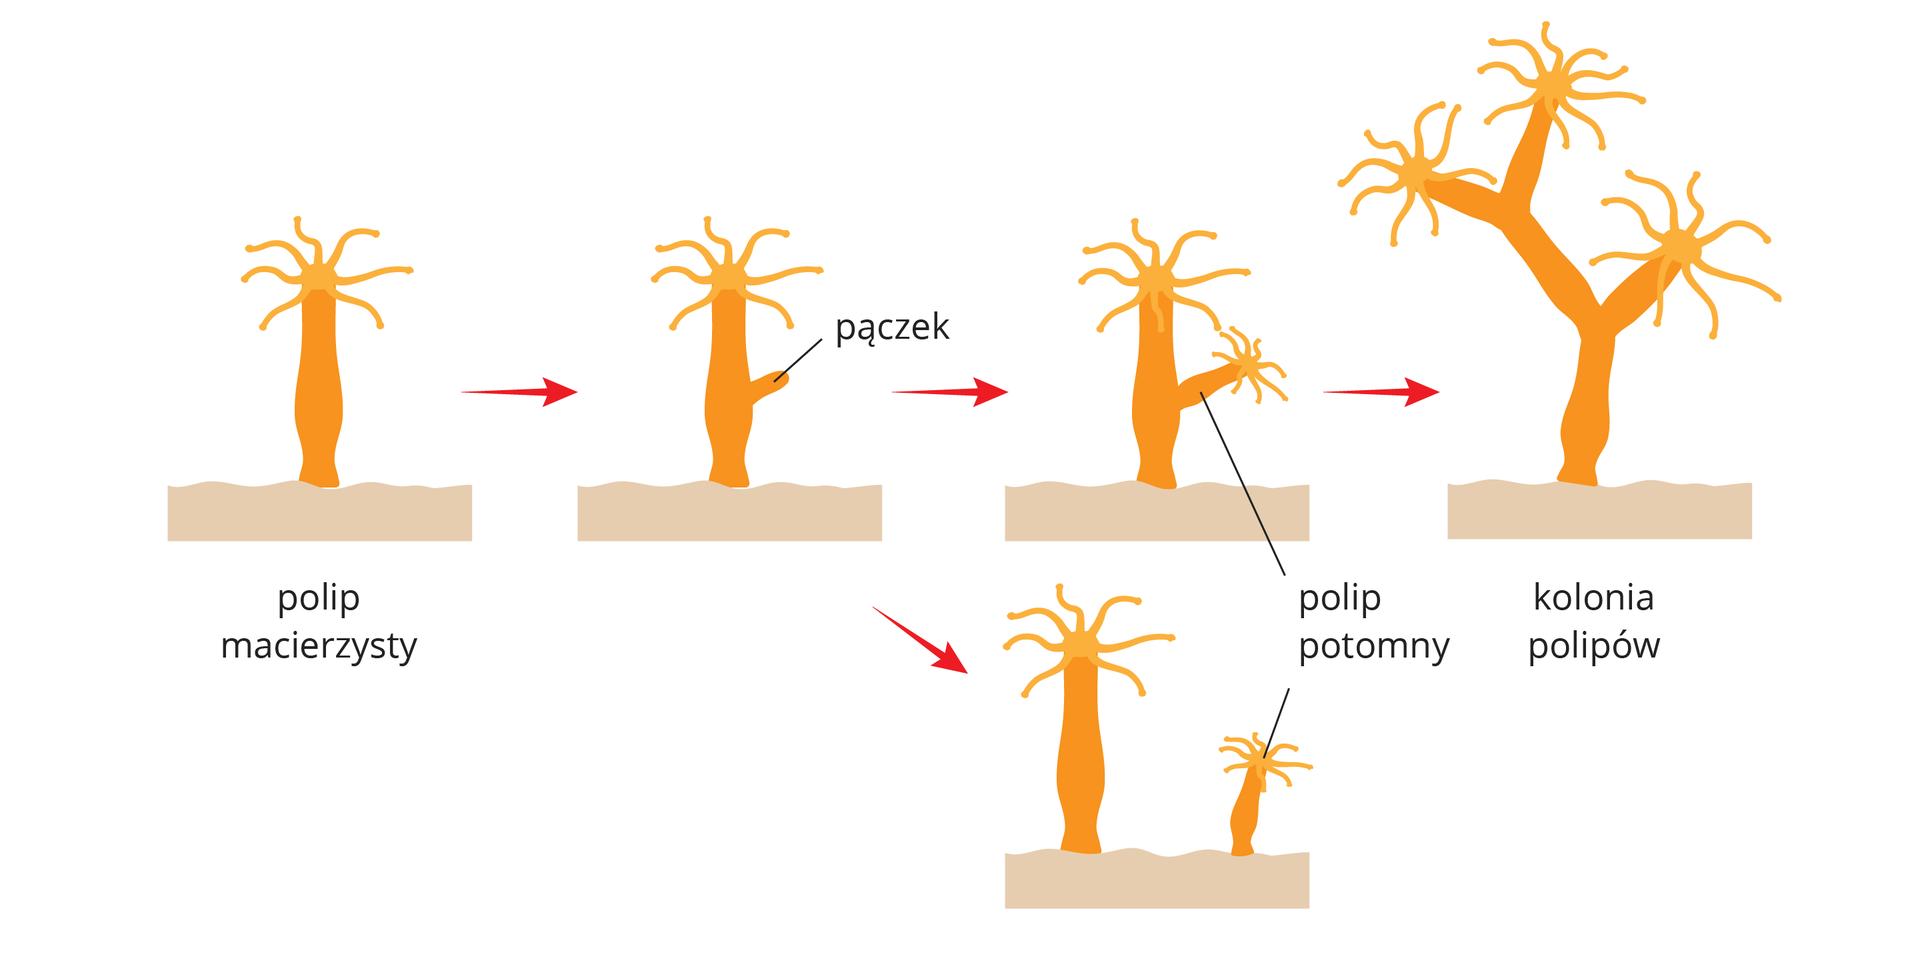 Ilustracja przedstawia sposób rozmnażania polipów, zwany pączkowaniem. Pomarańczowym kolorem oznaczono ciało polipa, bladoróżowym podłoże. Od lewej czerwone strzałki ipodpisy wskazują kolejne etapy pączkowania. Pączek może pozostać na polipie macierzystym, jak wgórnym rzędzie. Może się też oddzielić od niego itę sytuację przedstawia obrazek na dole.